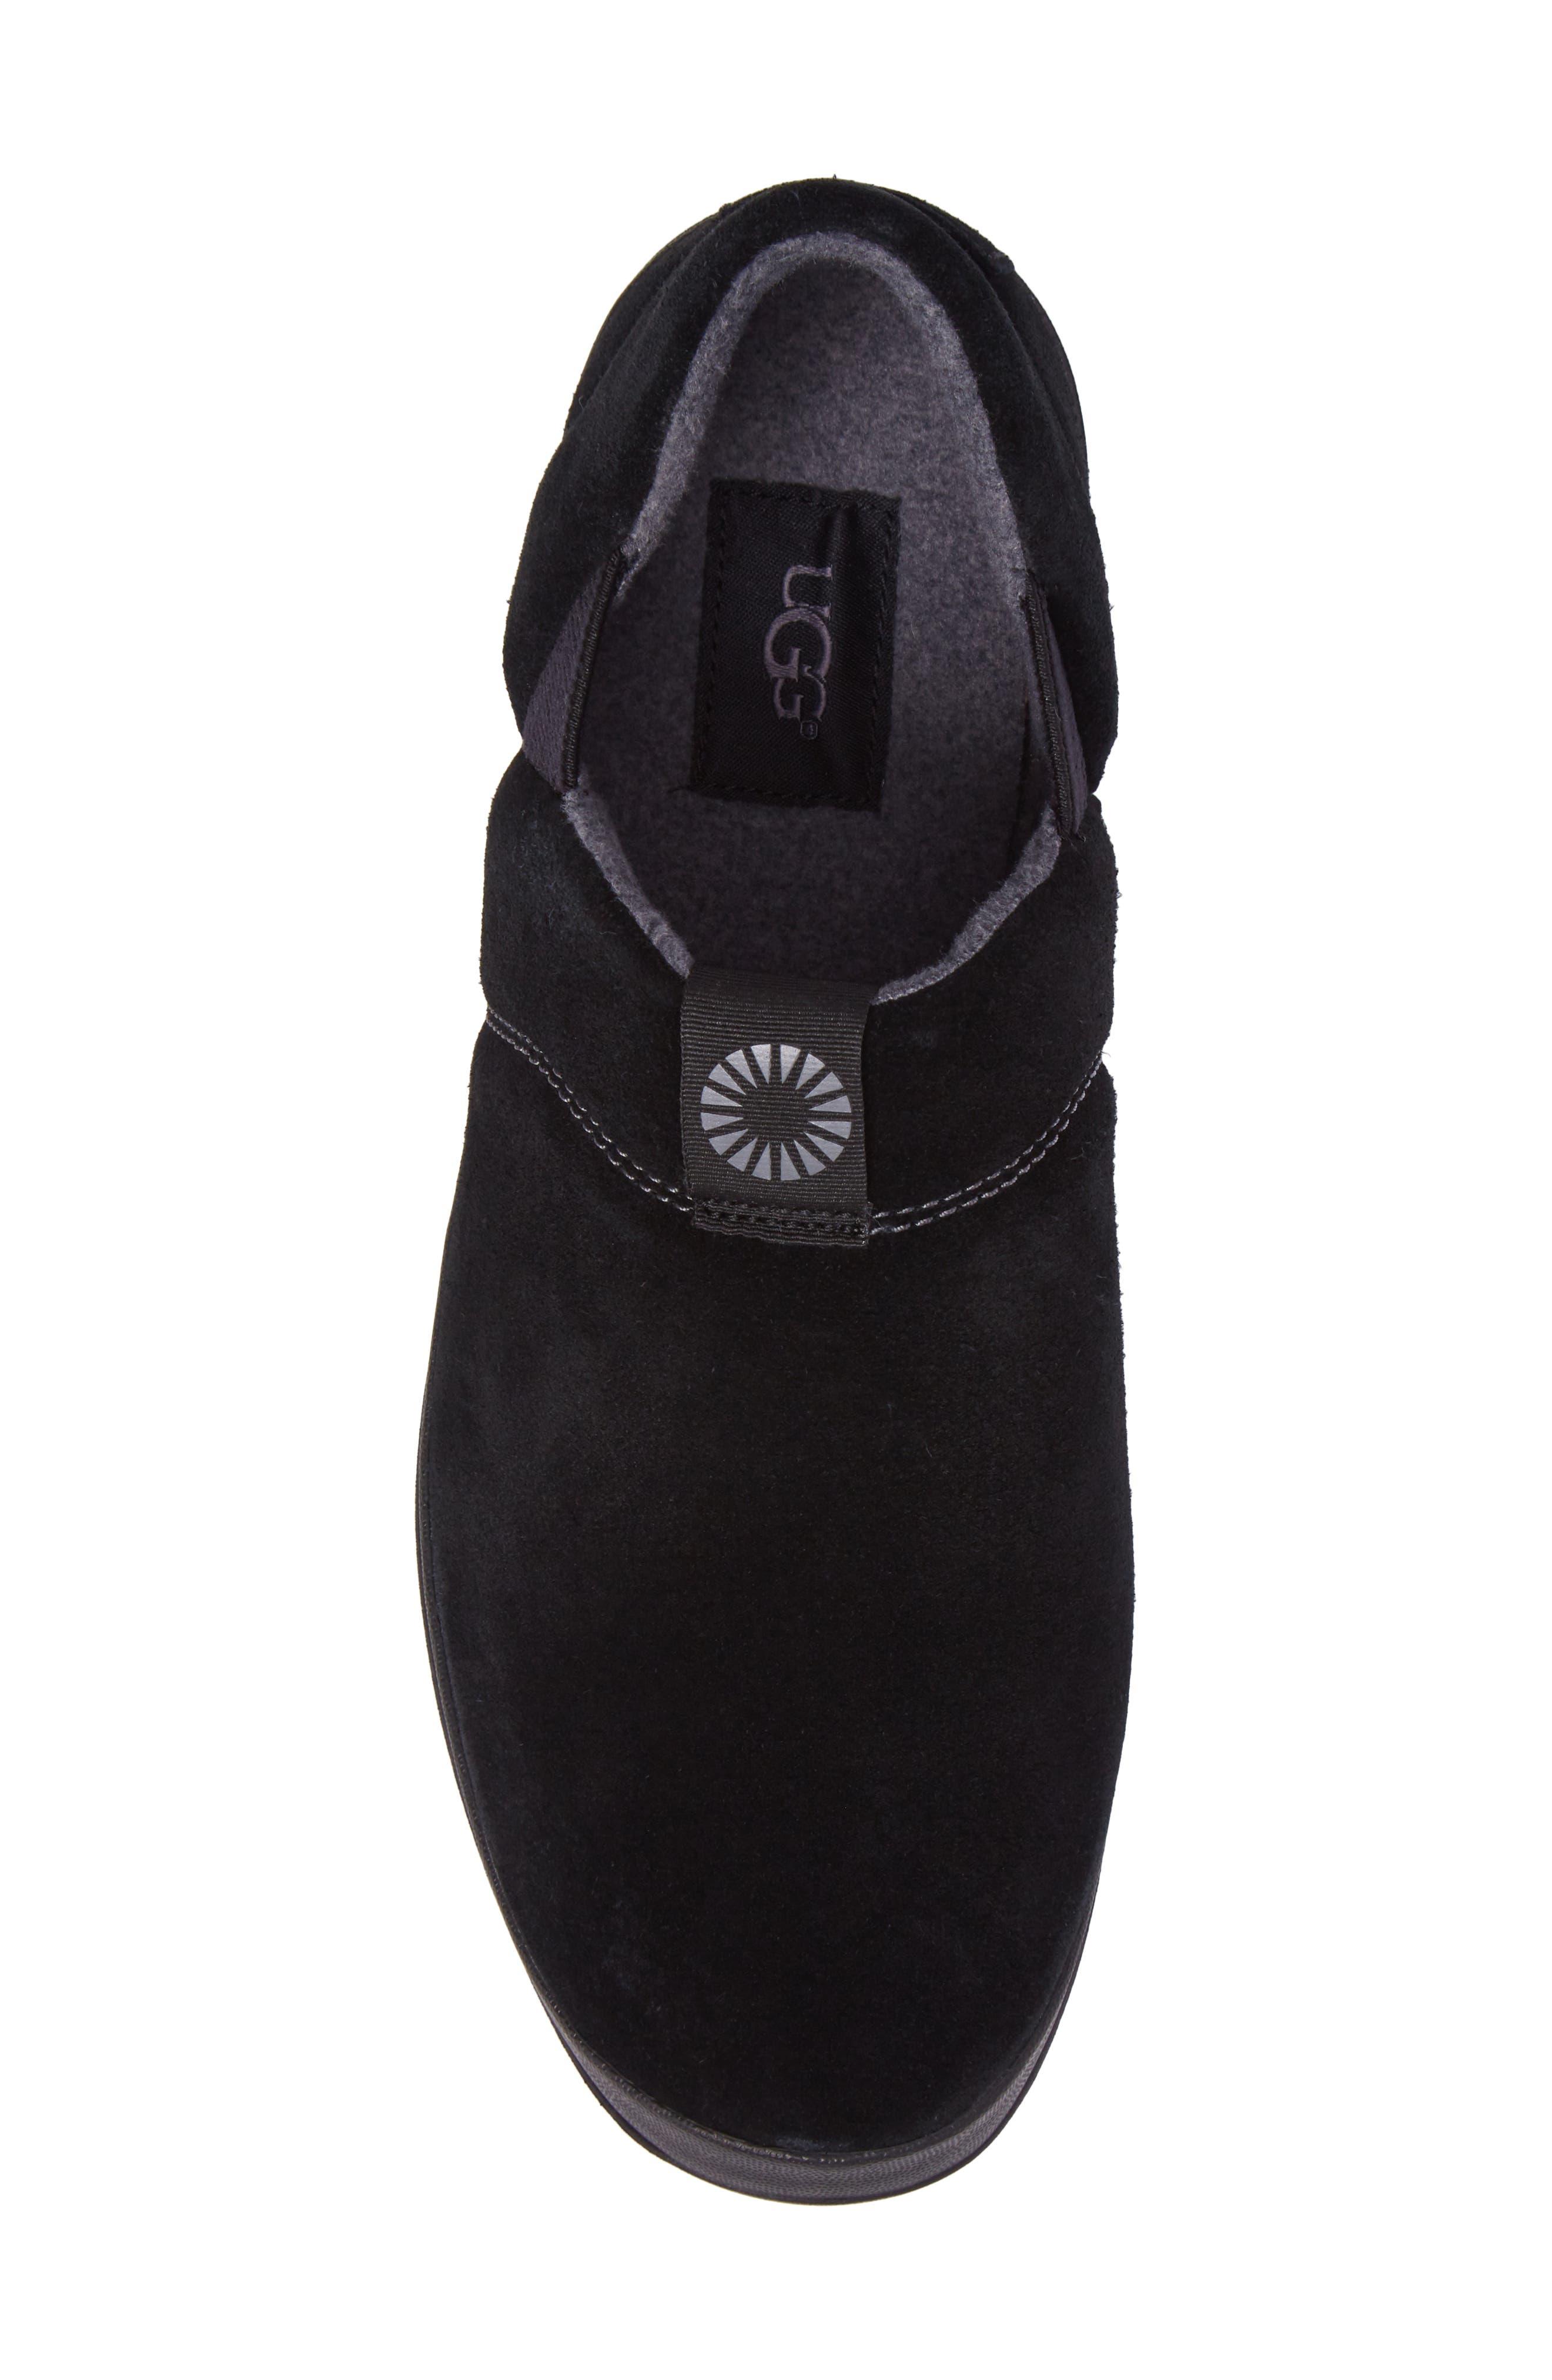 e55b97f1671 Ugg Hanz Slipper, Black Olive